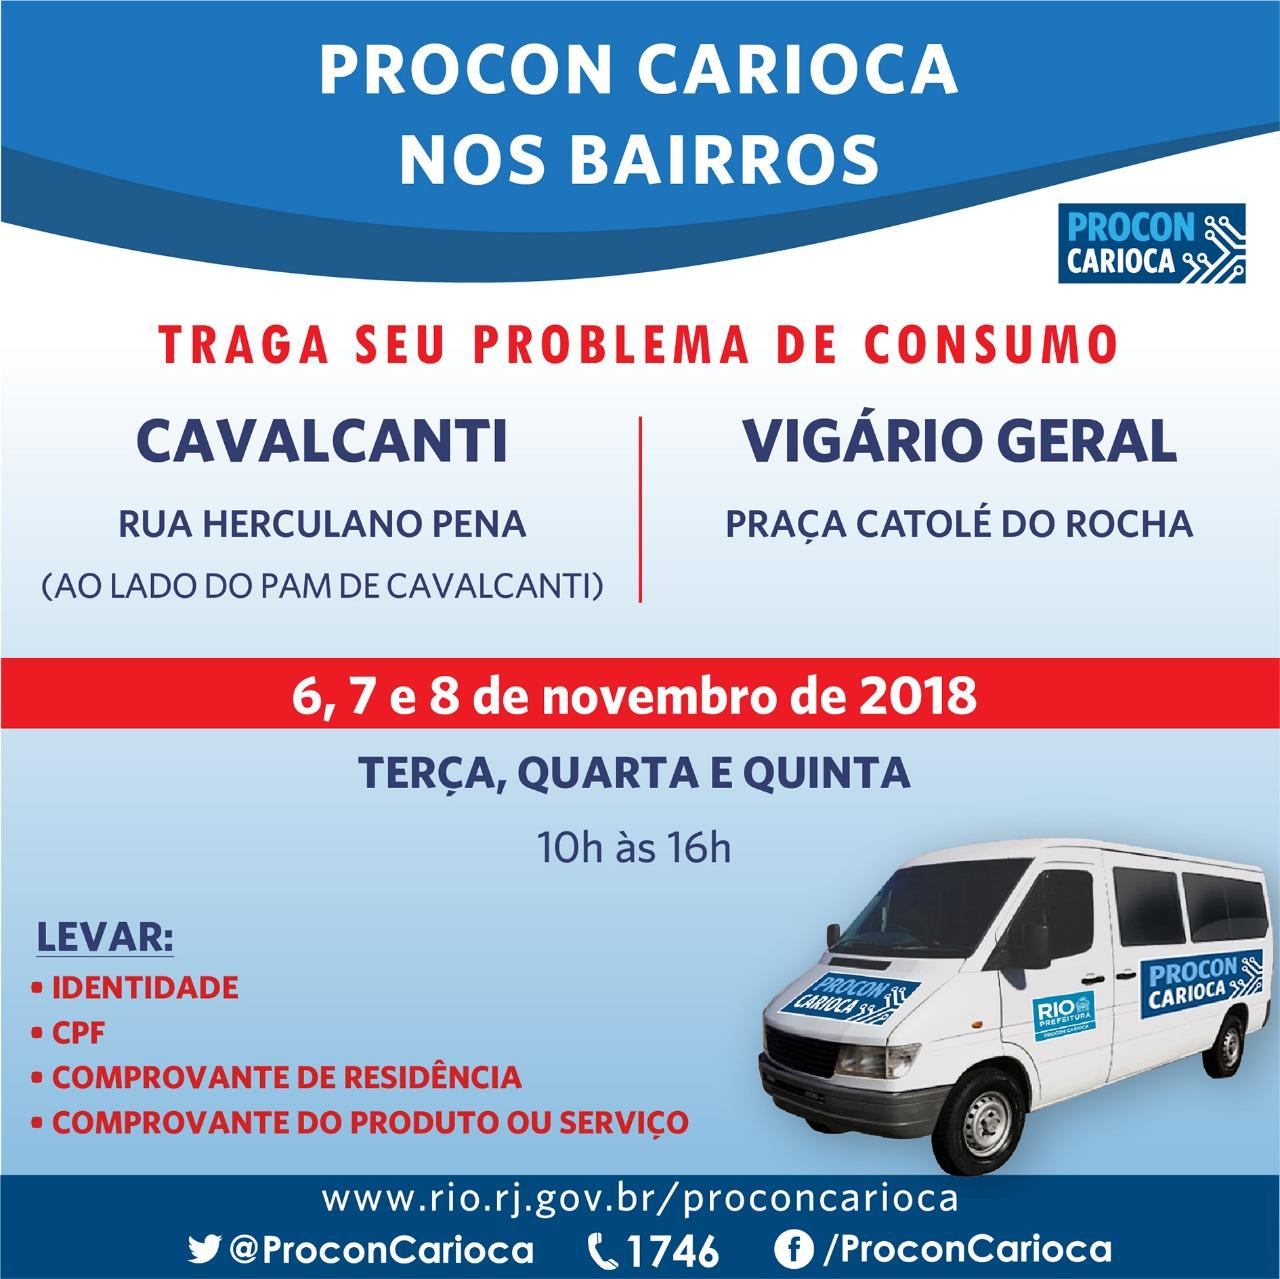 Atendimento do Procon Carioca será em Cavalcanti e Vigário Geral